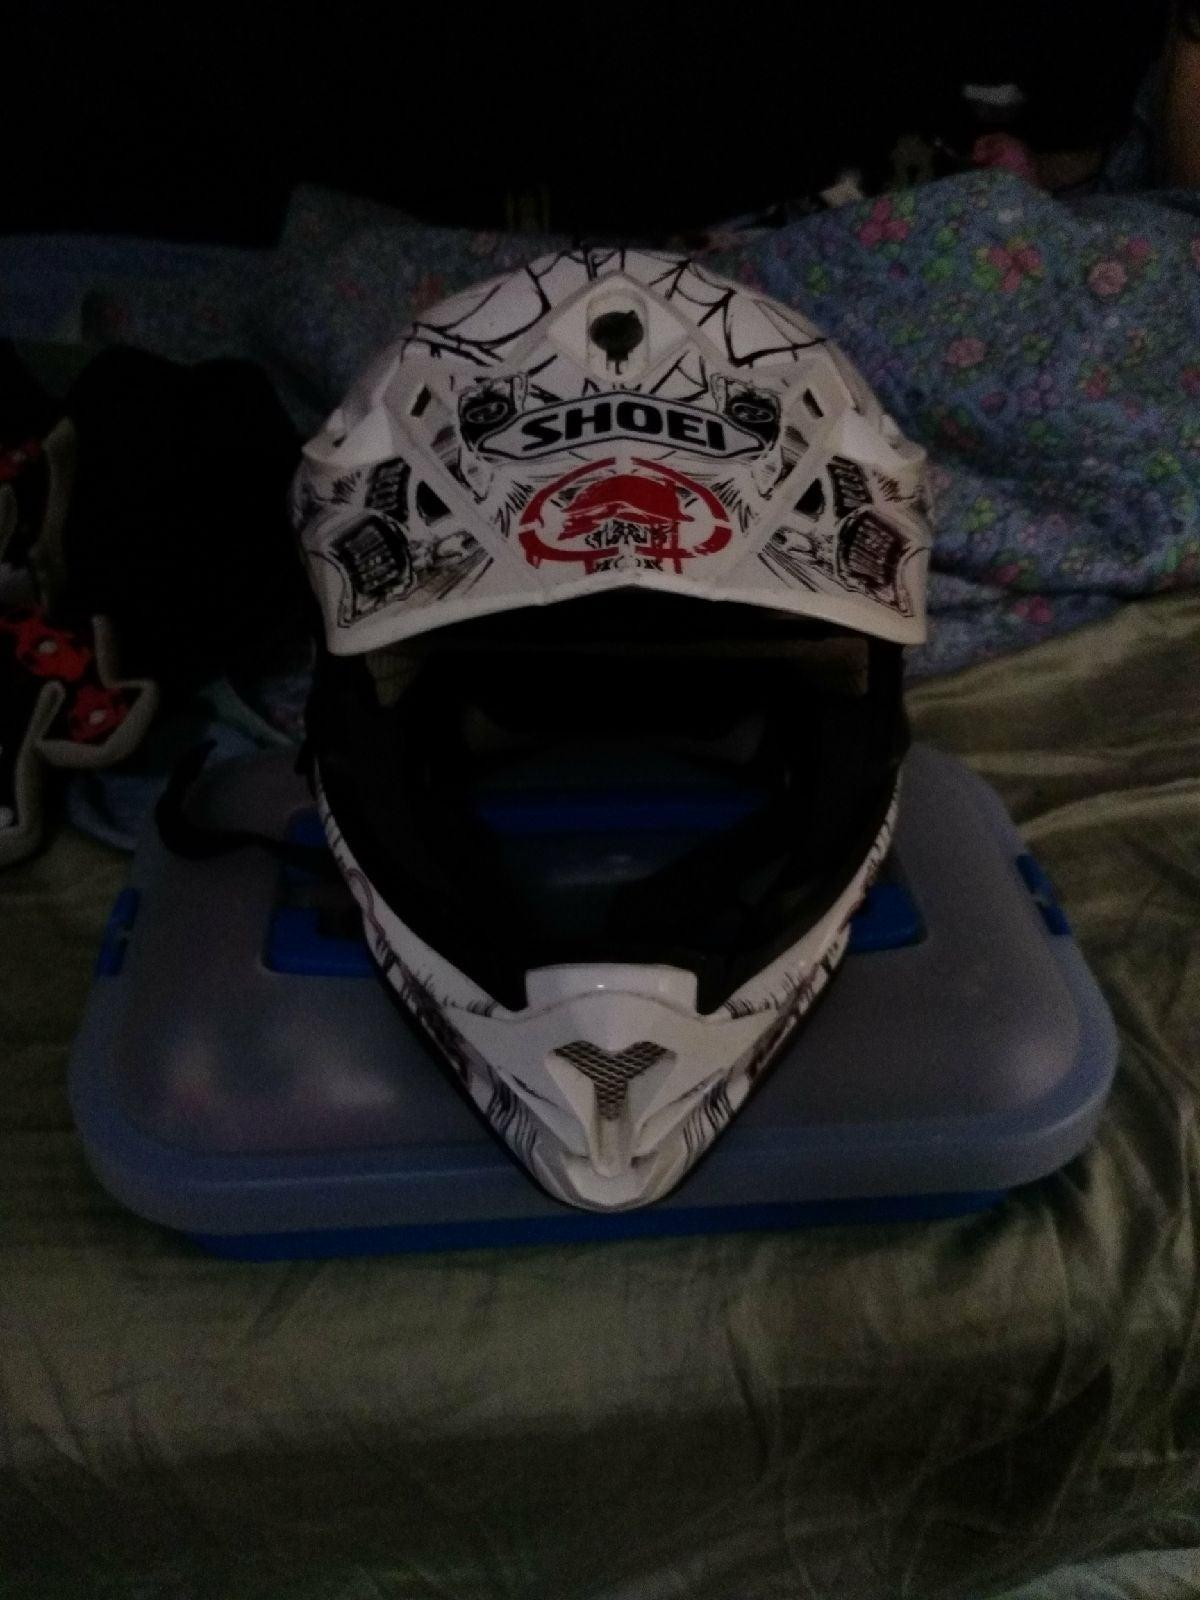 Shoie metal mulisha helmet